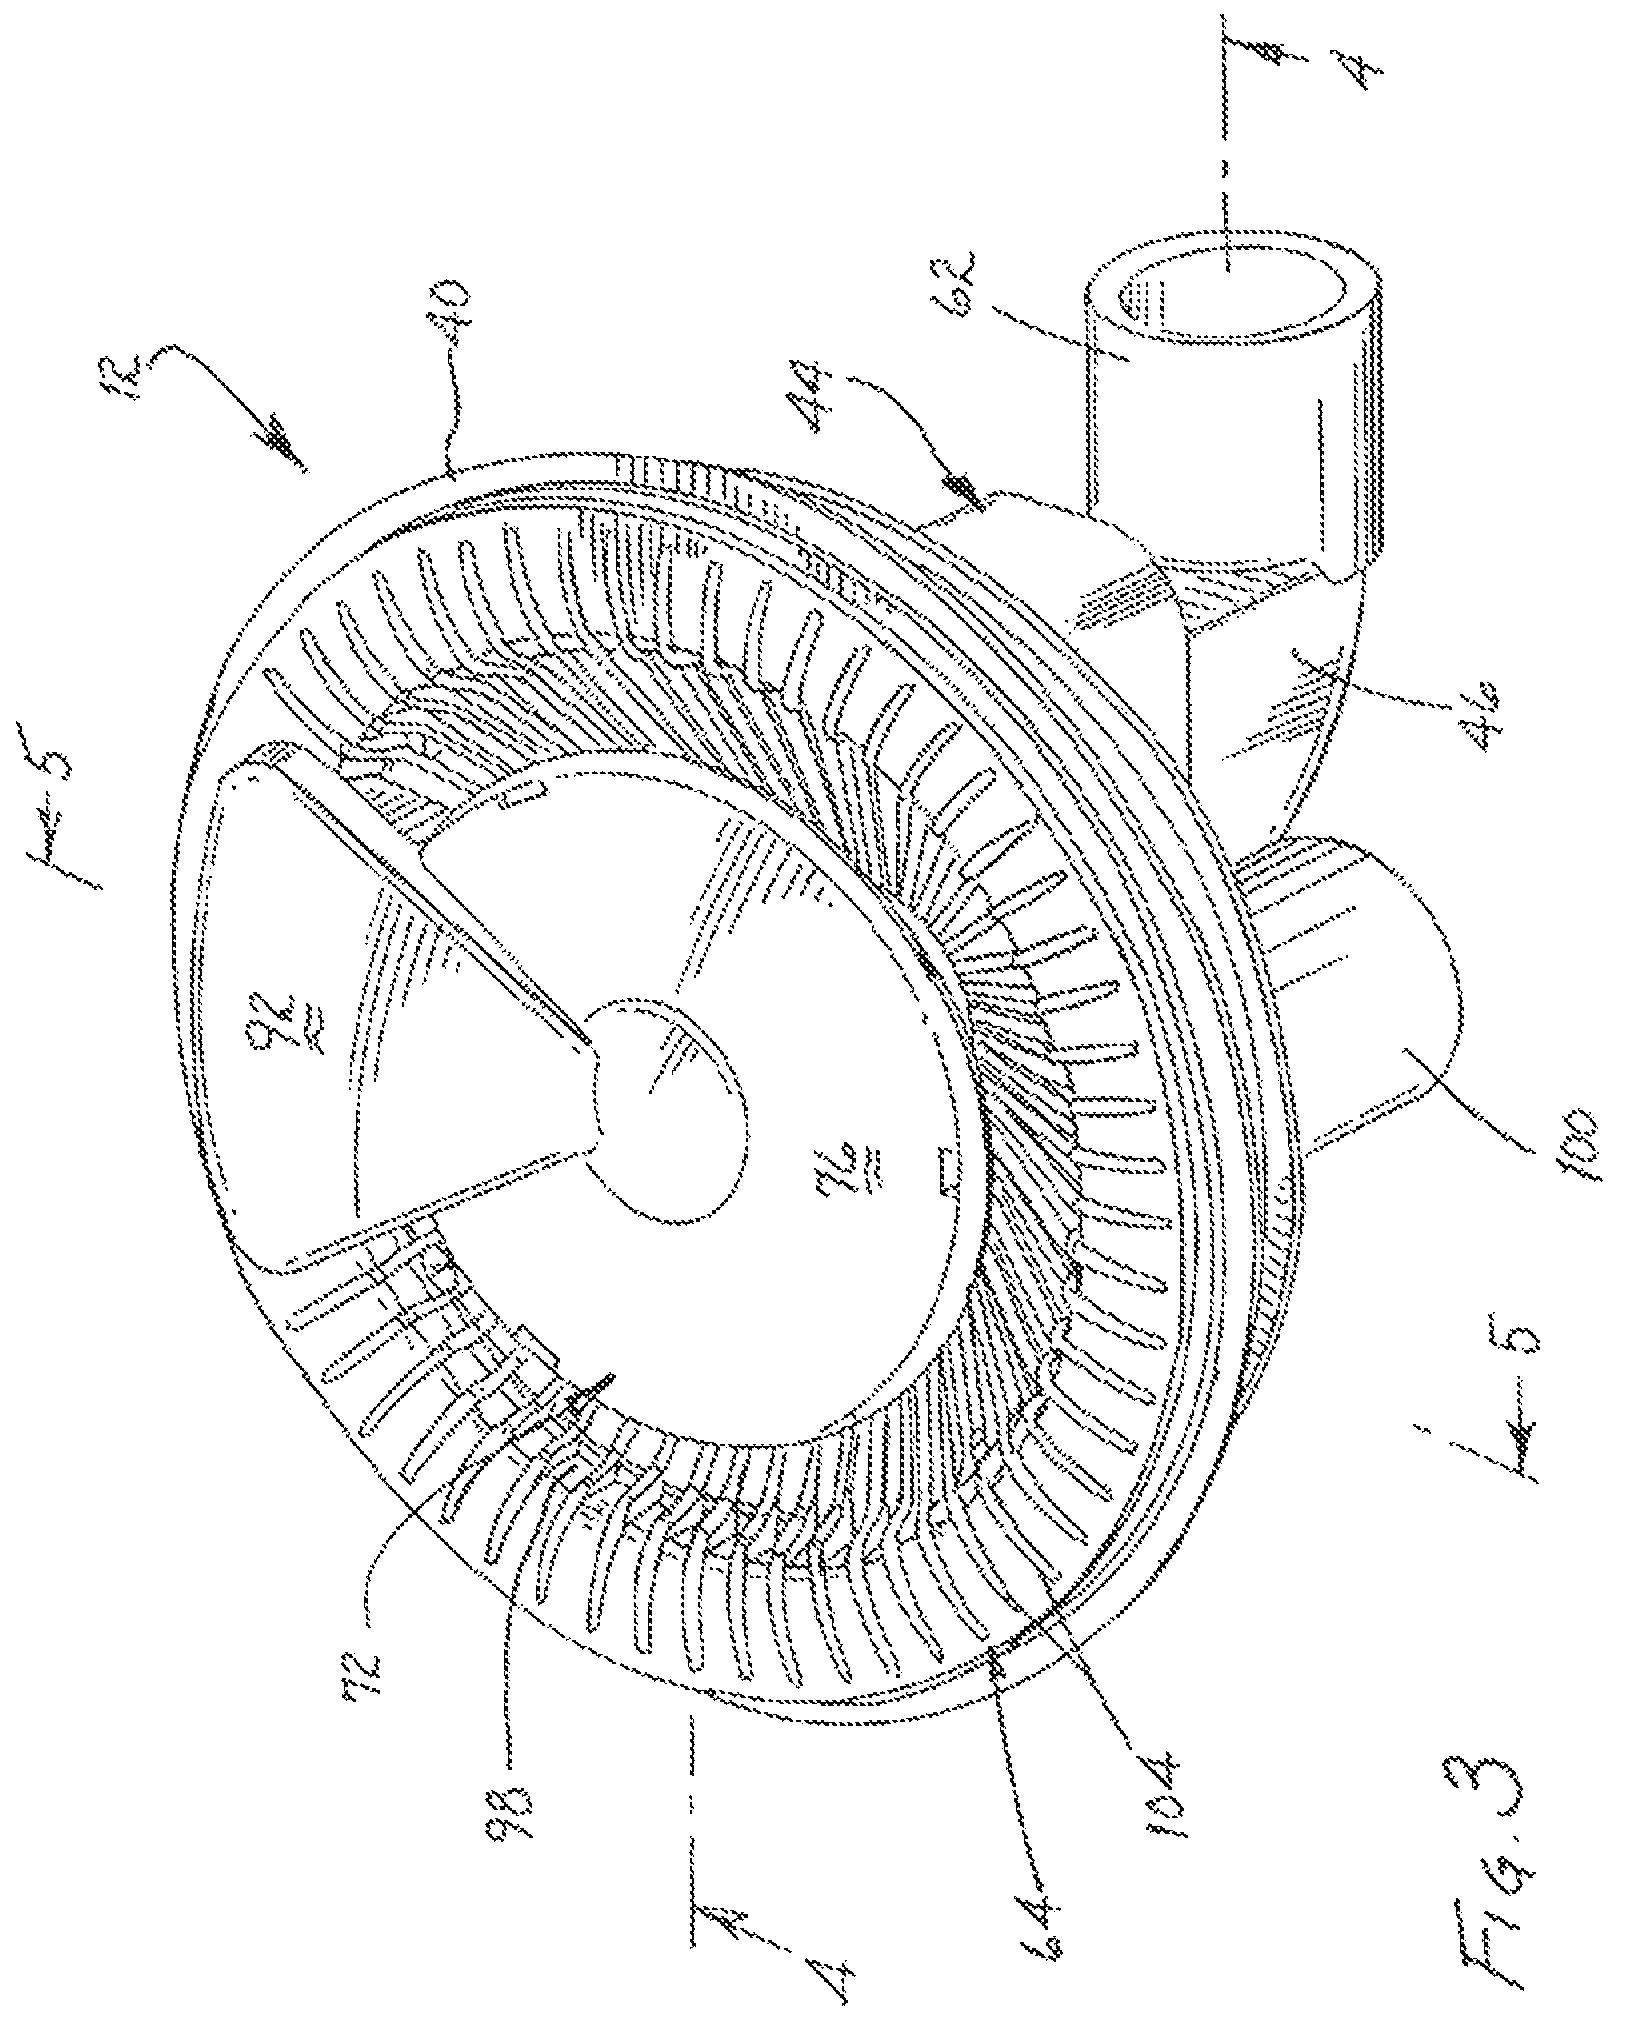 Pool Pump Capacitor Wiring Diagram